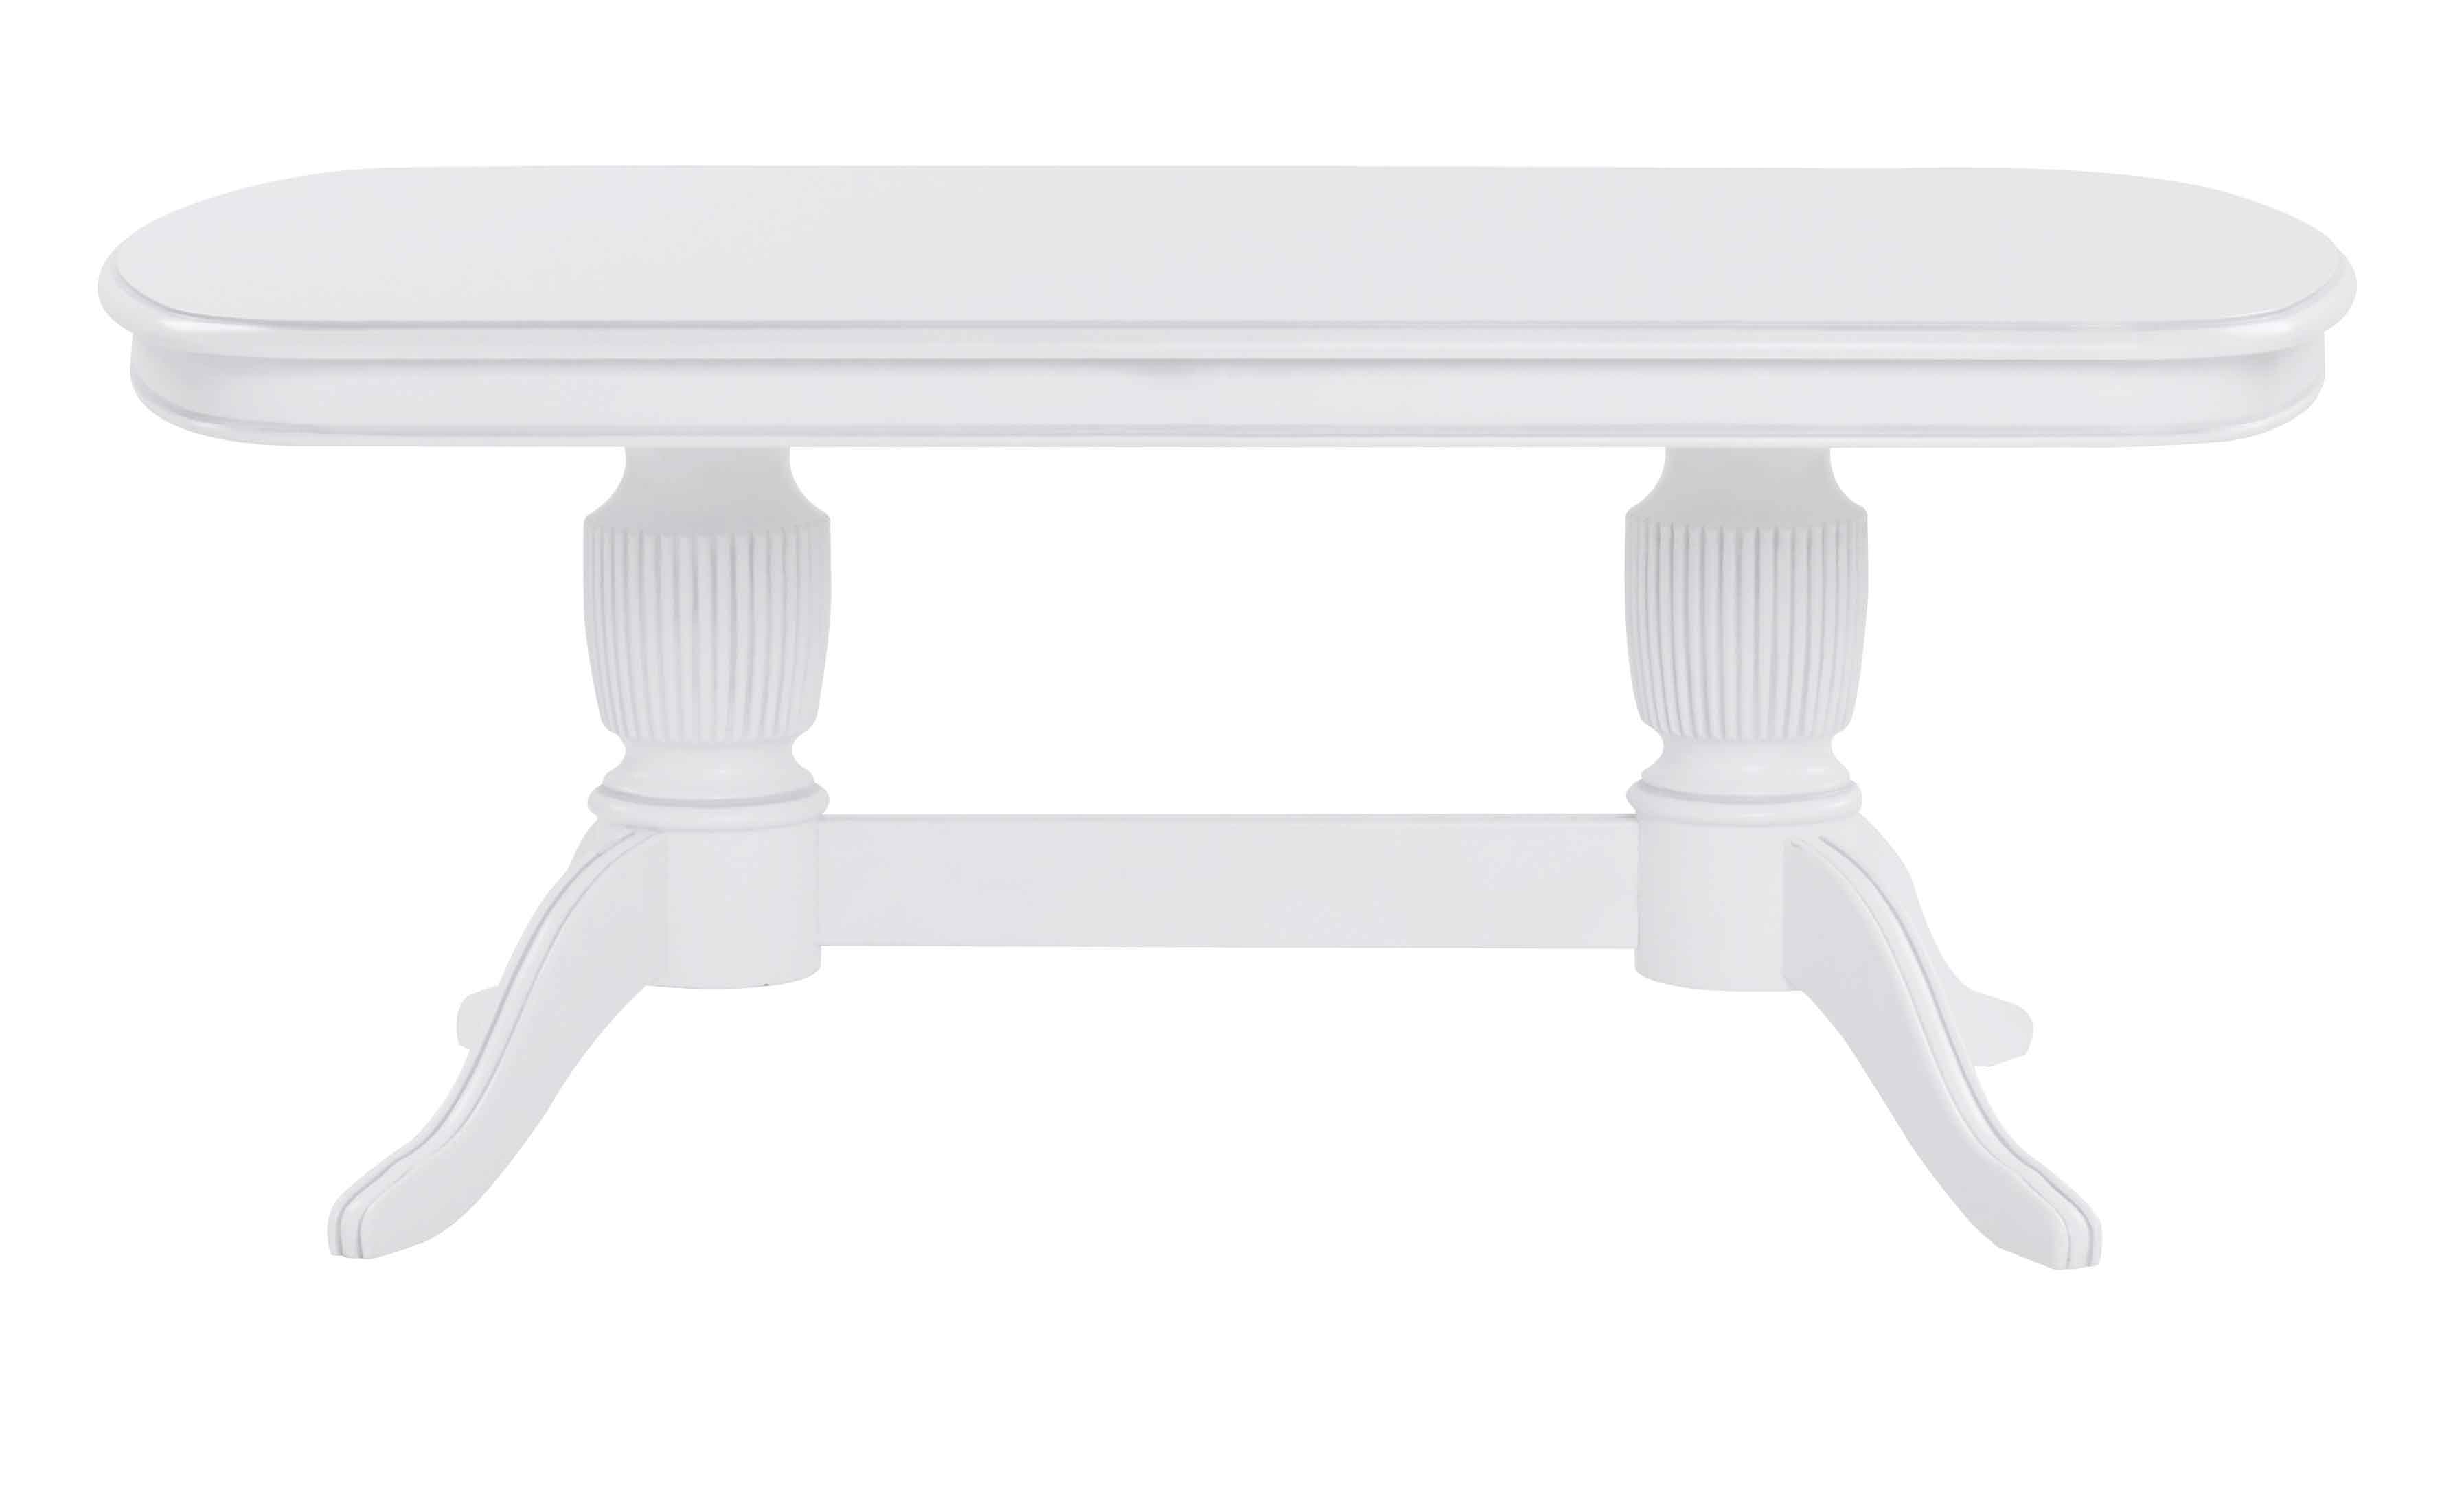 Sofabord Hvidt Ovalt Baci Living Room